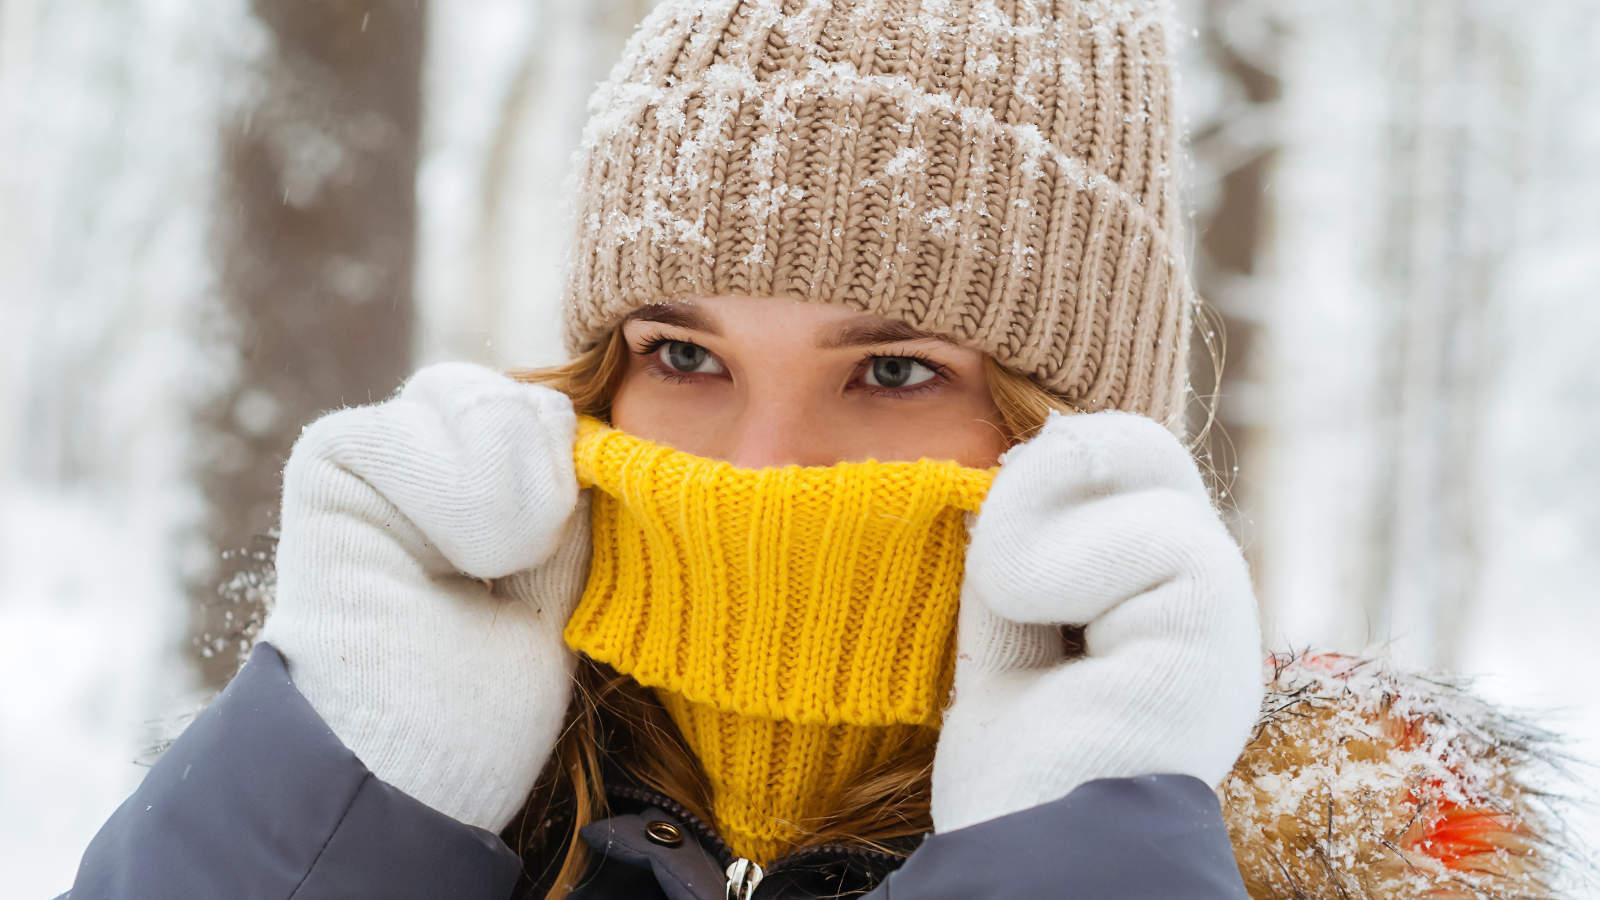 Das-Ansteckungsrisiko-senken-durch-Nasensp-lungen